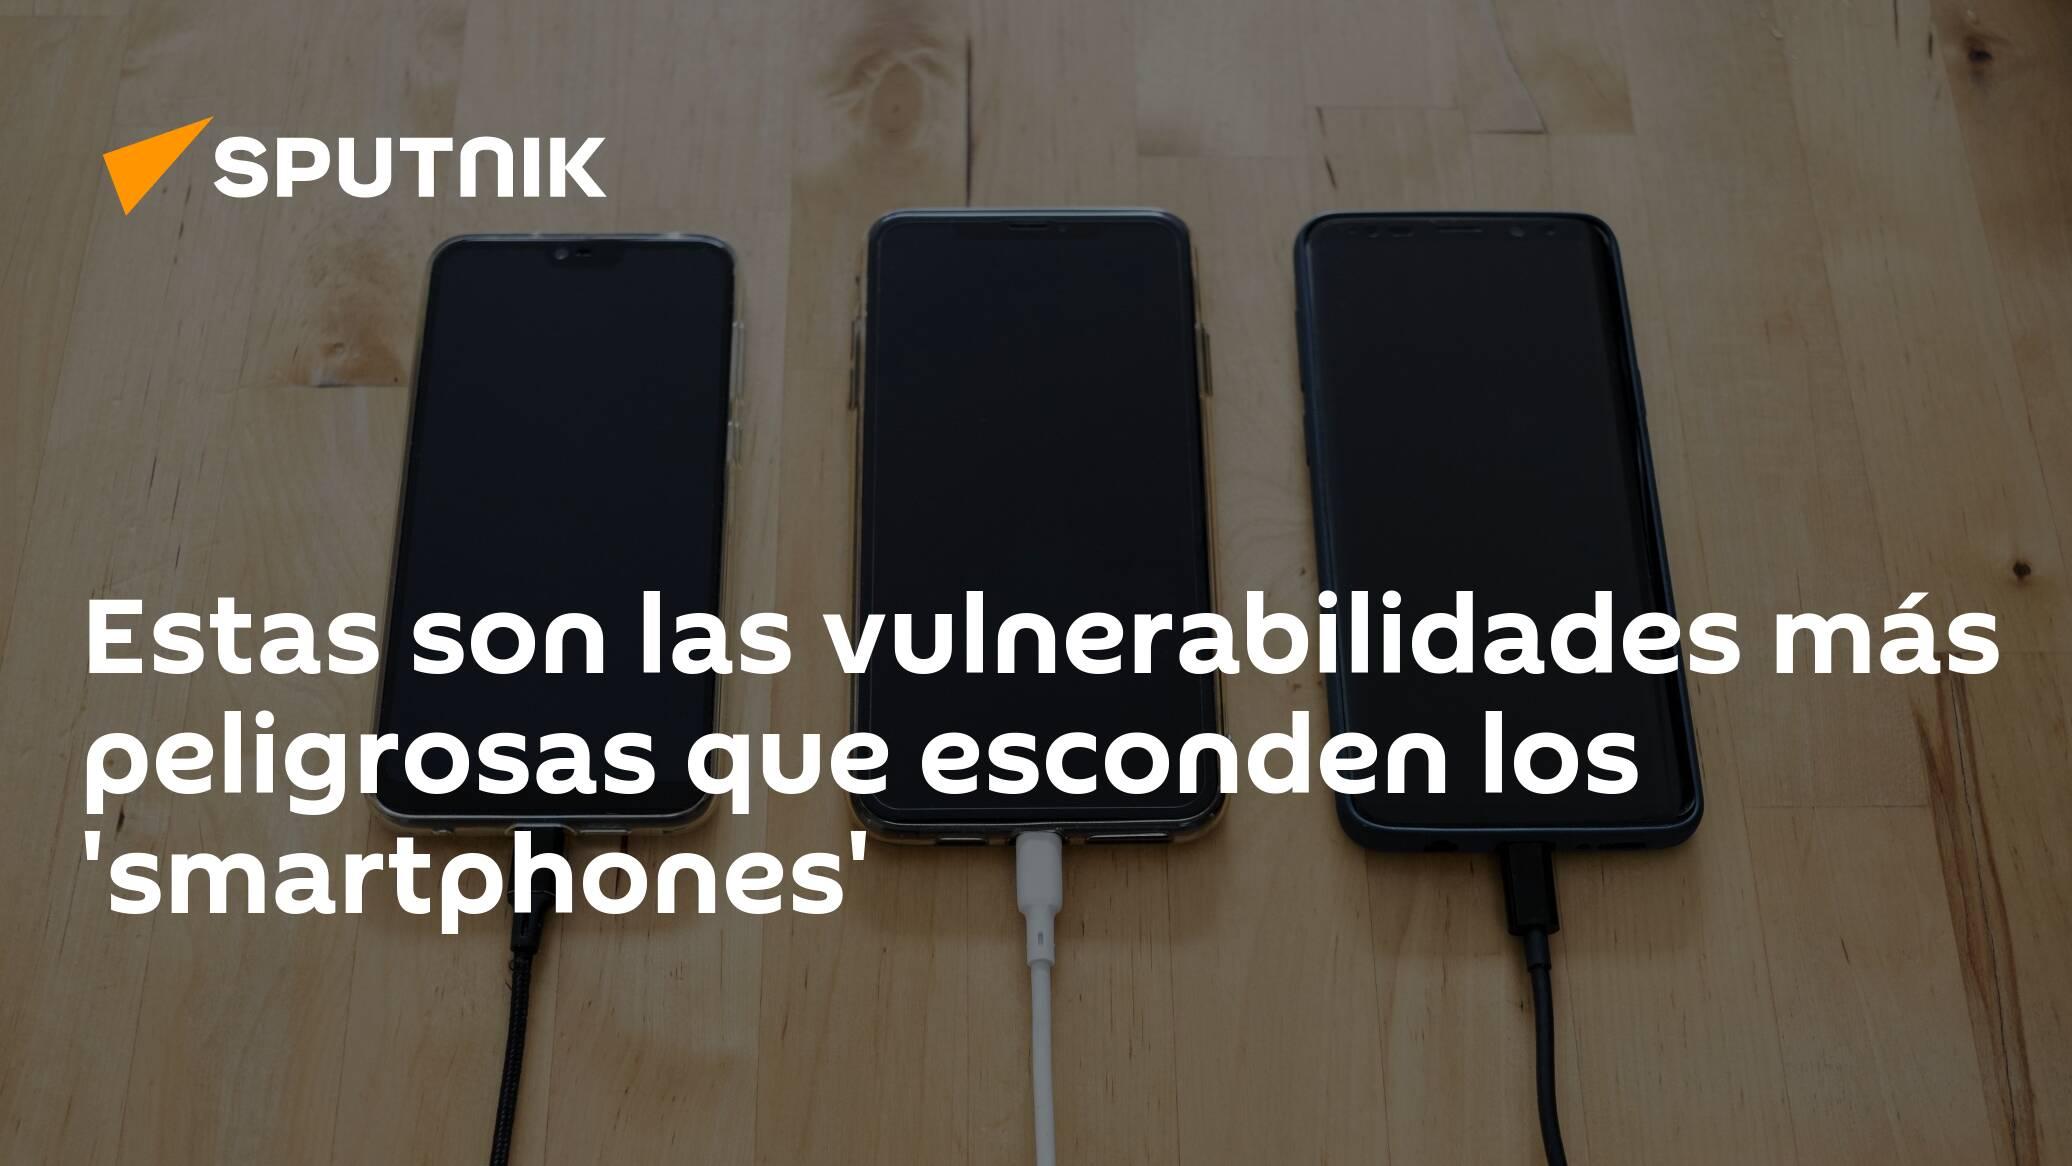 These are the most dangerous vulnerabilities hidden in smartphones